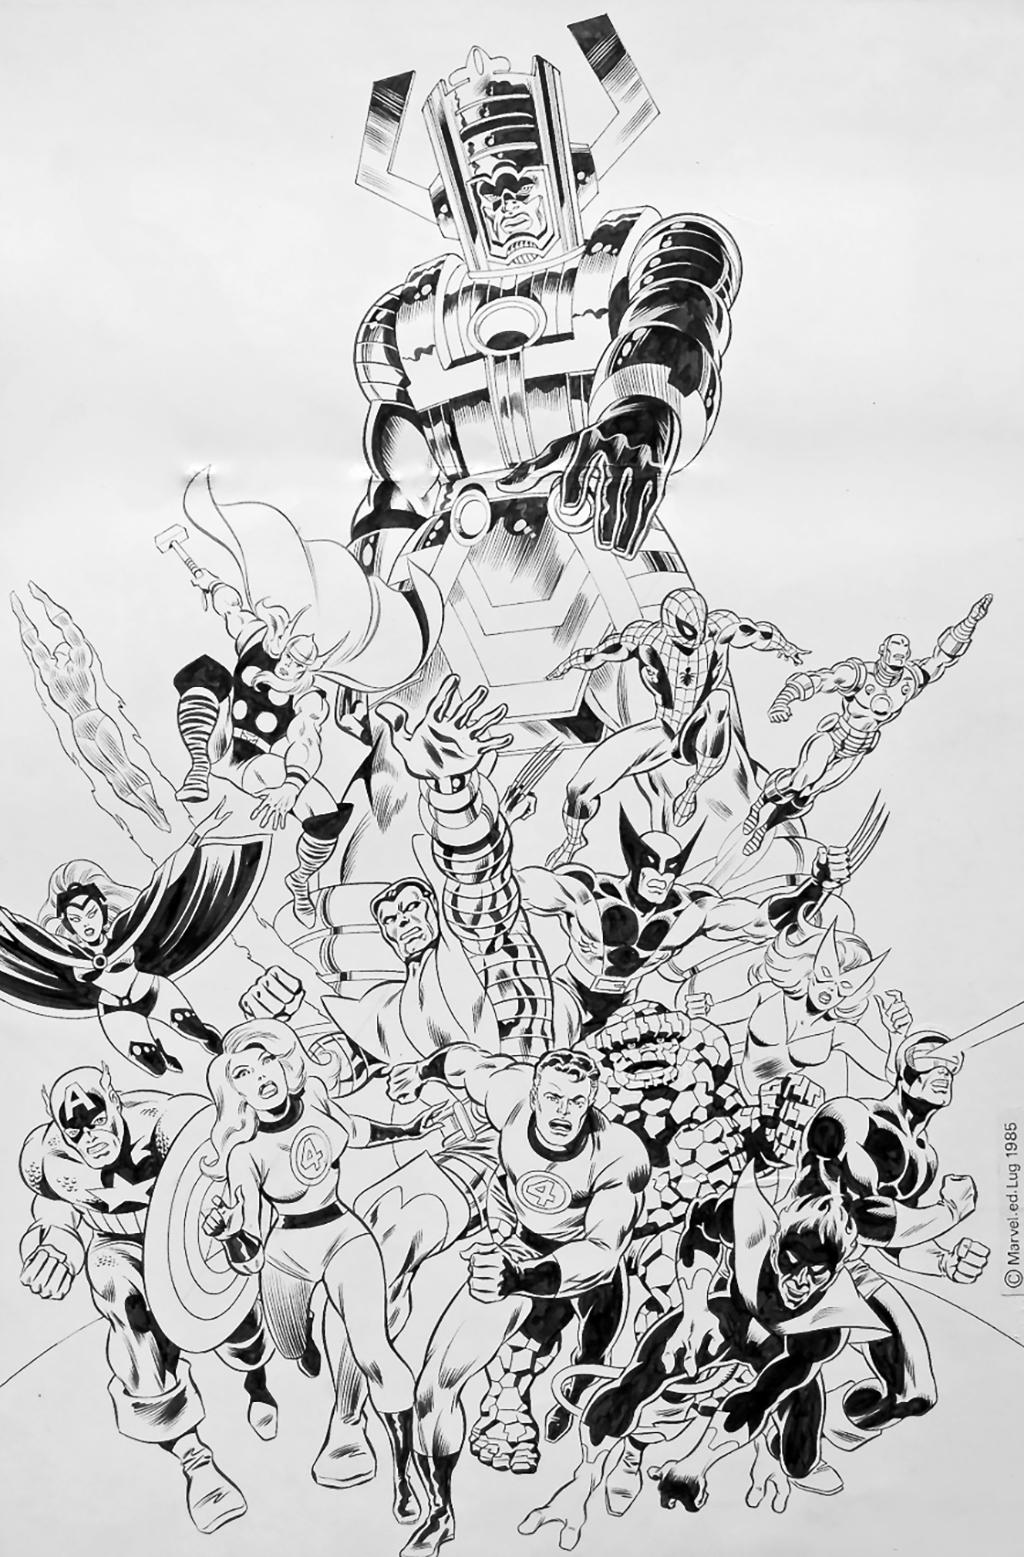 Guerres Secrètes – Poster de Strange # 190 – Planche originale 53 x 42 cm – Encre de chine – © Éditions Lug, 1985 – © Jean-Yves Mitton, 1985